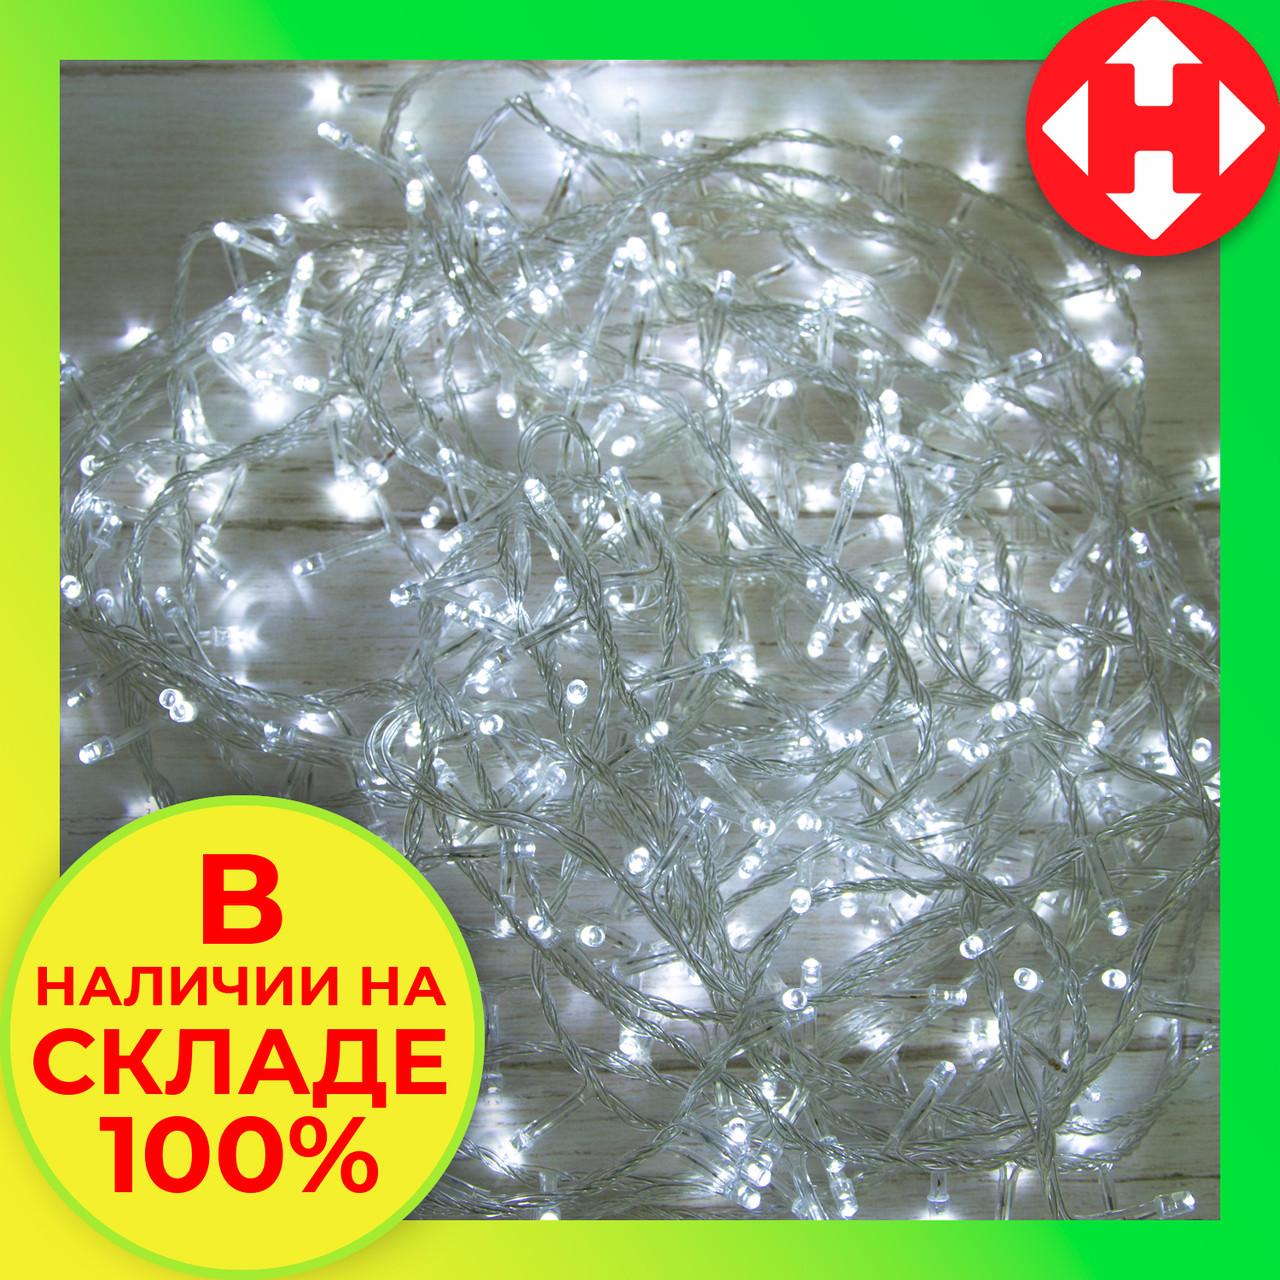 Лед гирлянда 16 метров холодный белый Xmas LED 400 W-1, светодиодная новогодня мерцающая гирлянда